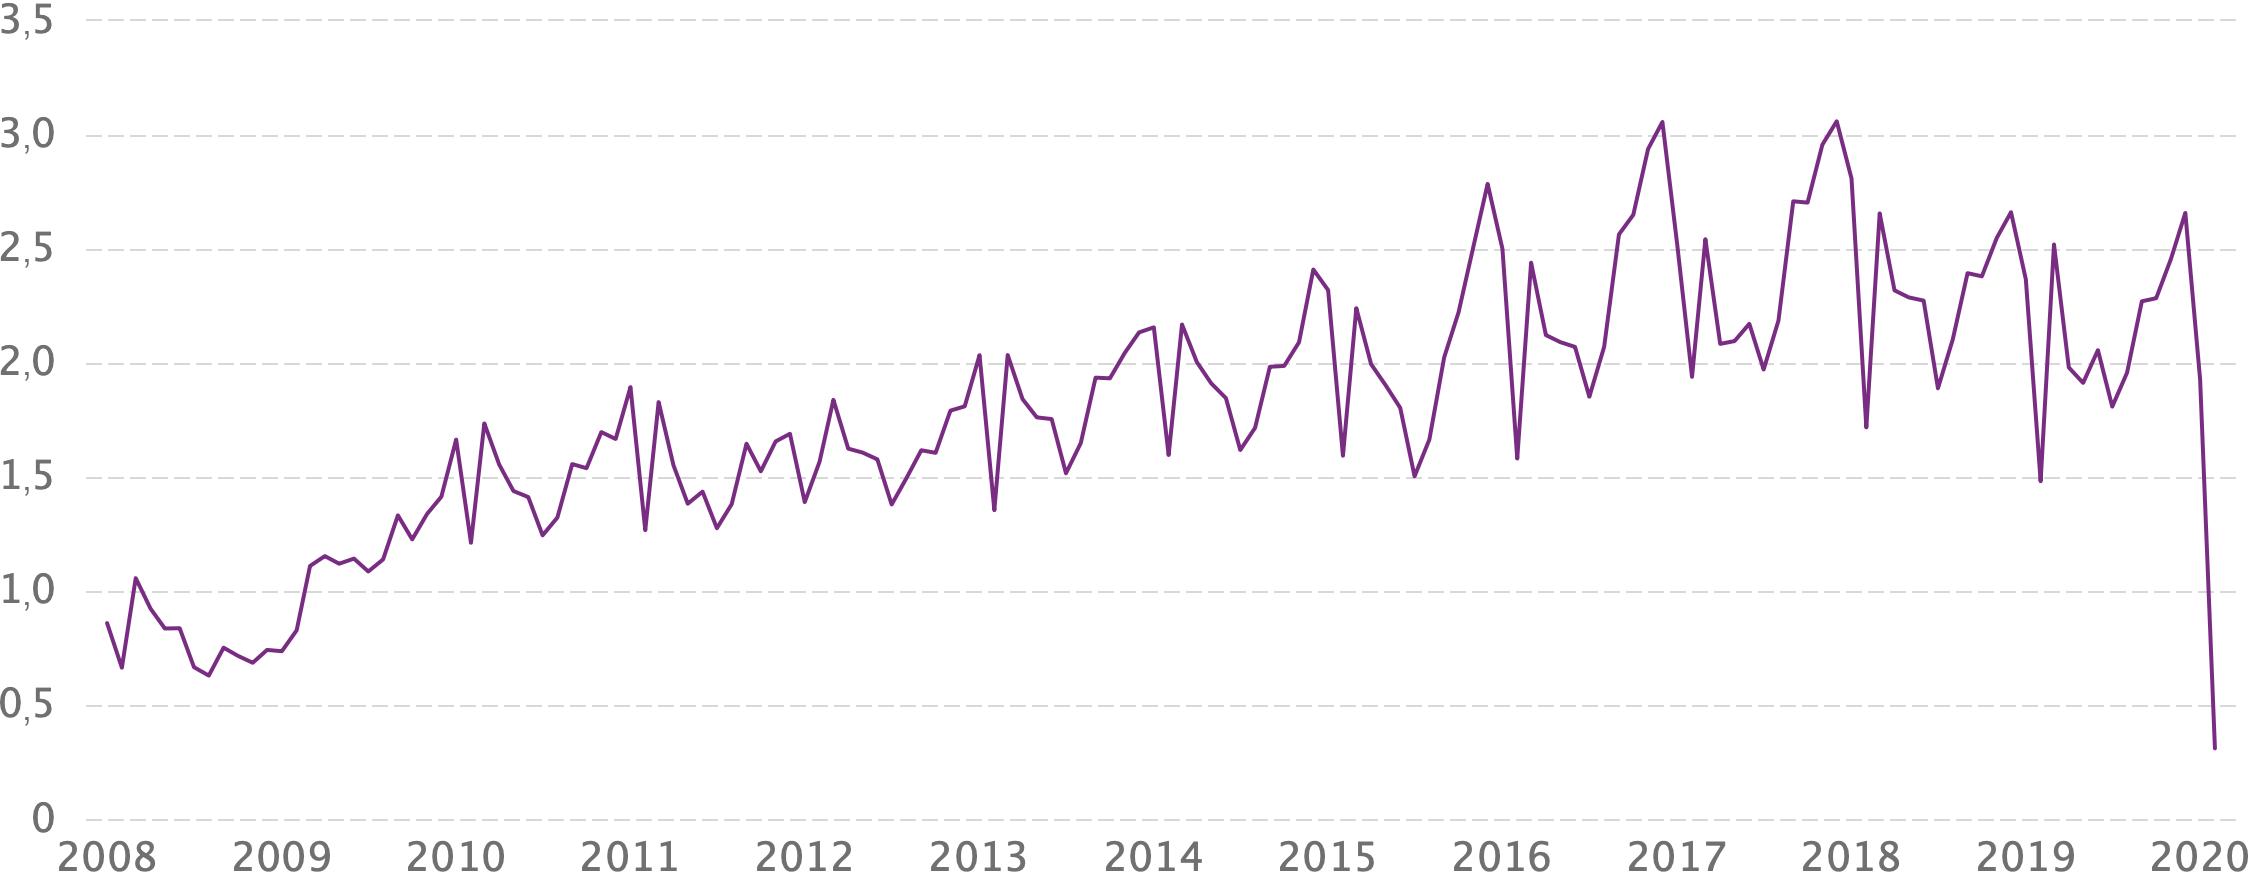 Продажи автомобилей в Китае в миллионах единиц. Источник: CEIC